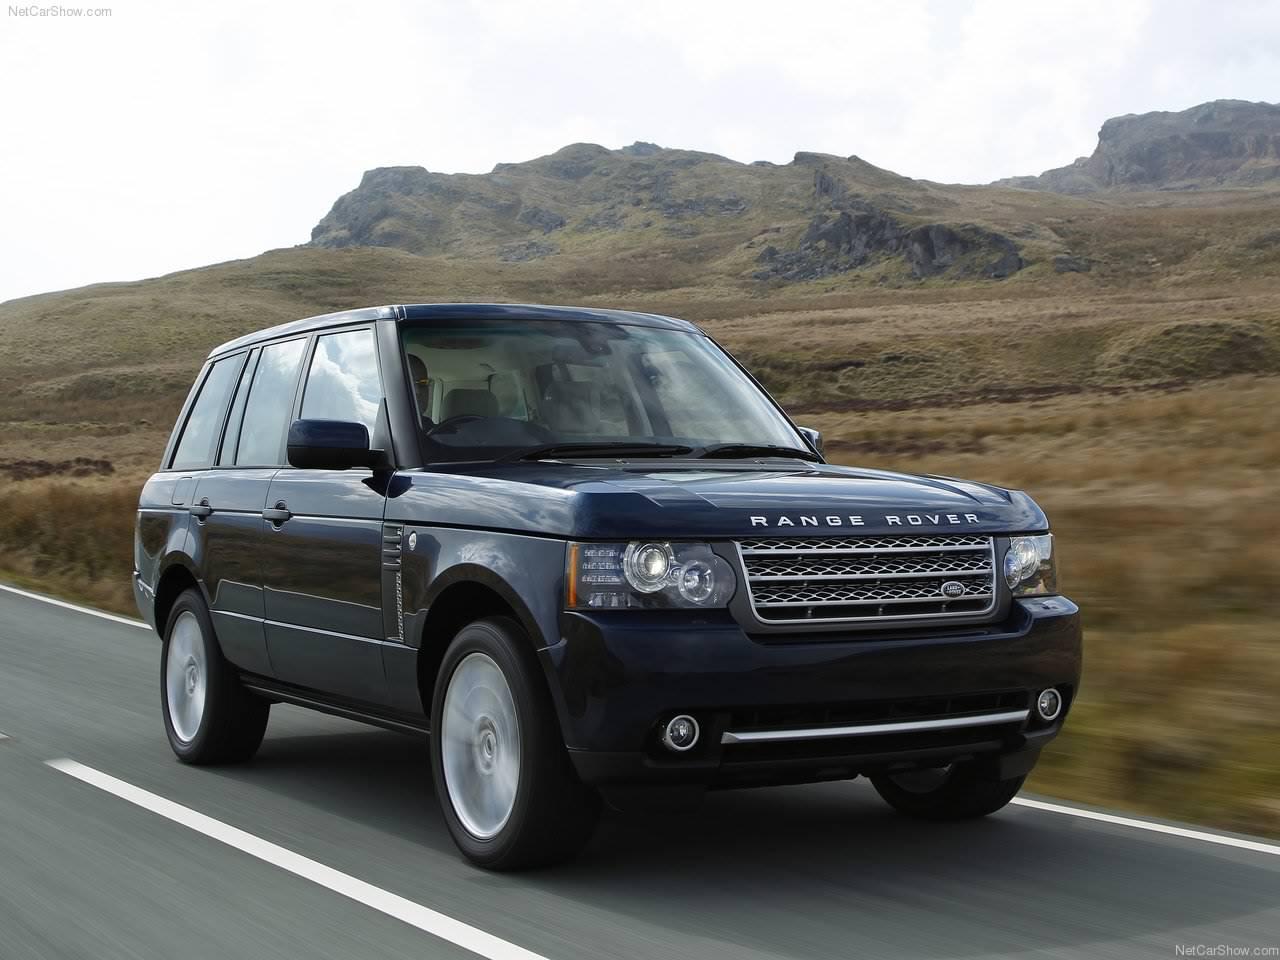 http://3.bp.blogspot.com/_lsyt_wQ2awY/TDzNNJ1YIzI/AAAAAAAB-XE/XyZhB_A3XuM/s1600/Land_Rover-Range_Rover_2011_1280x960_wallpaper_01.jpg